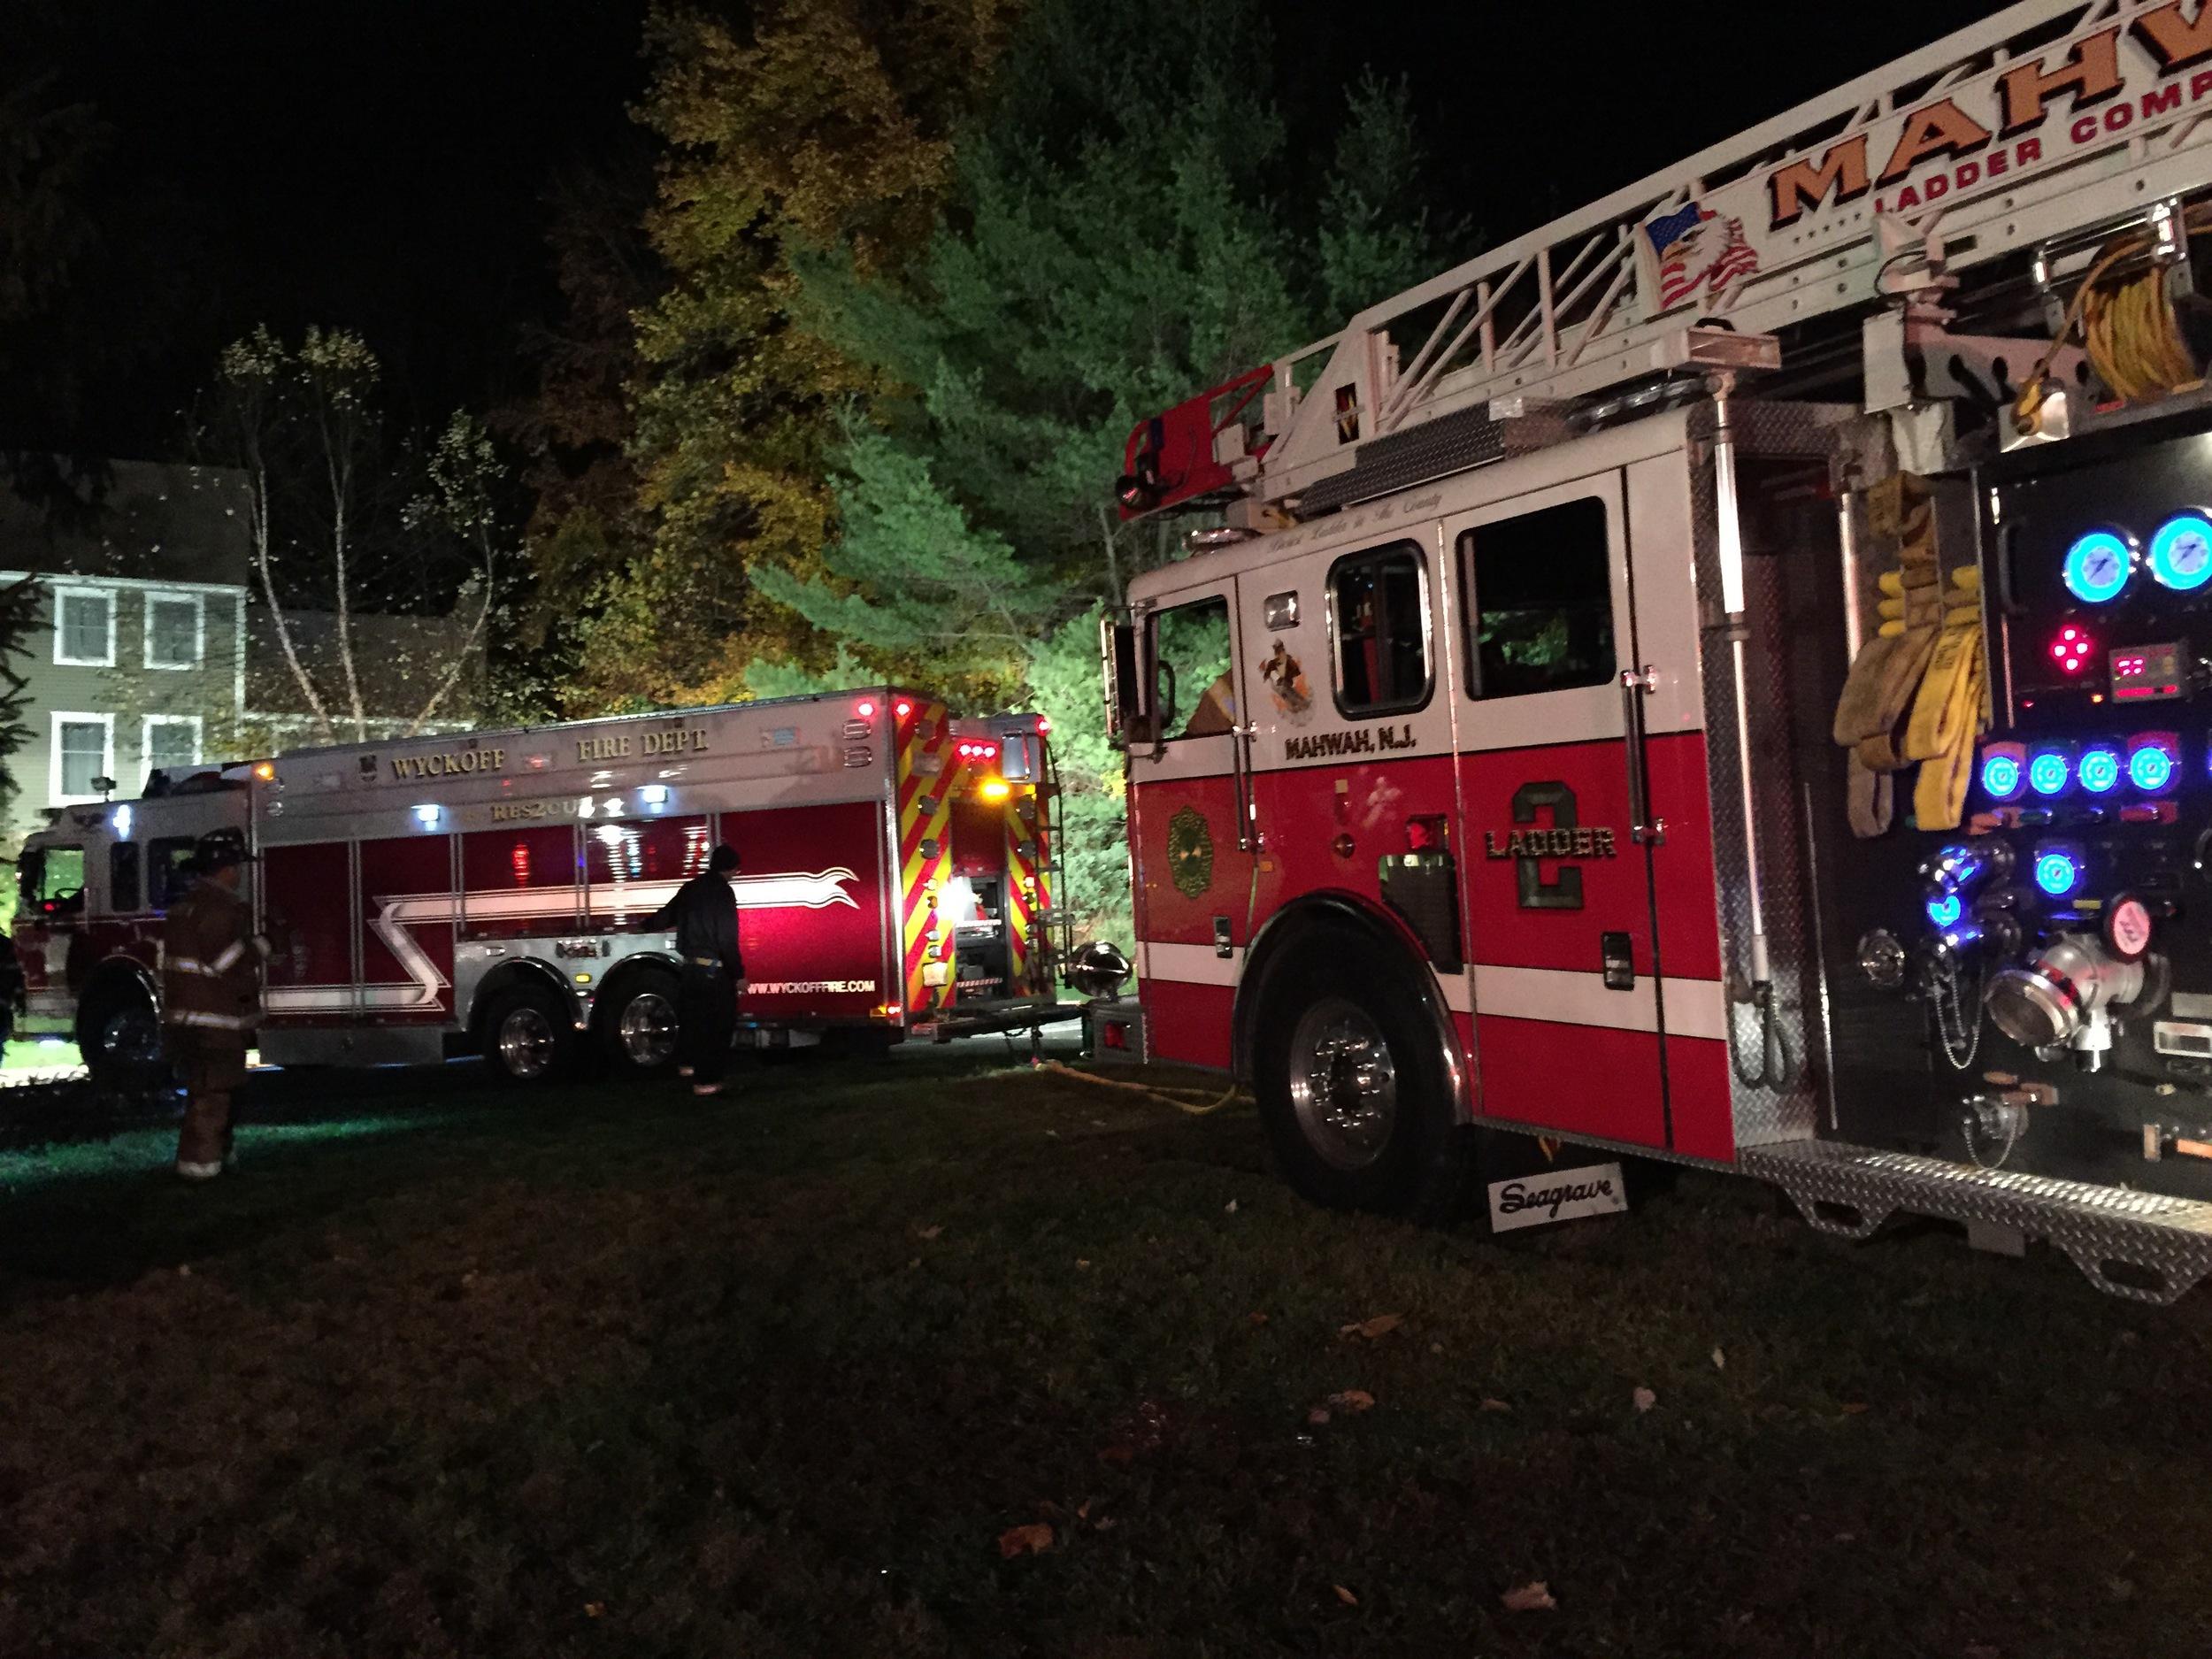 21 Victoria Lane Fire